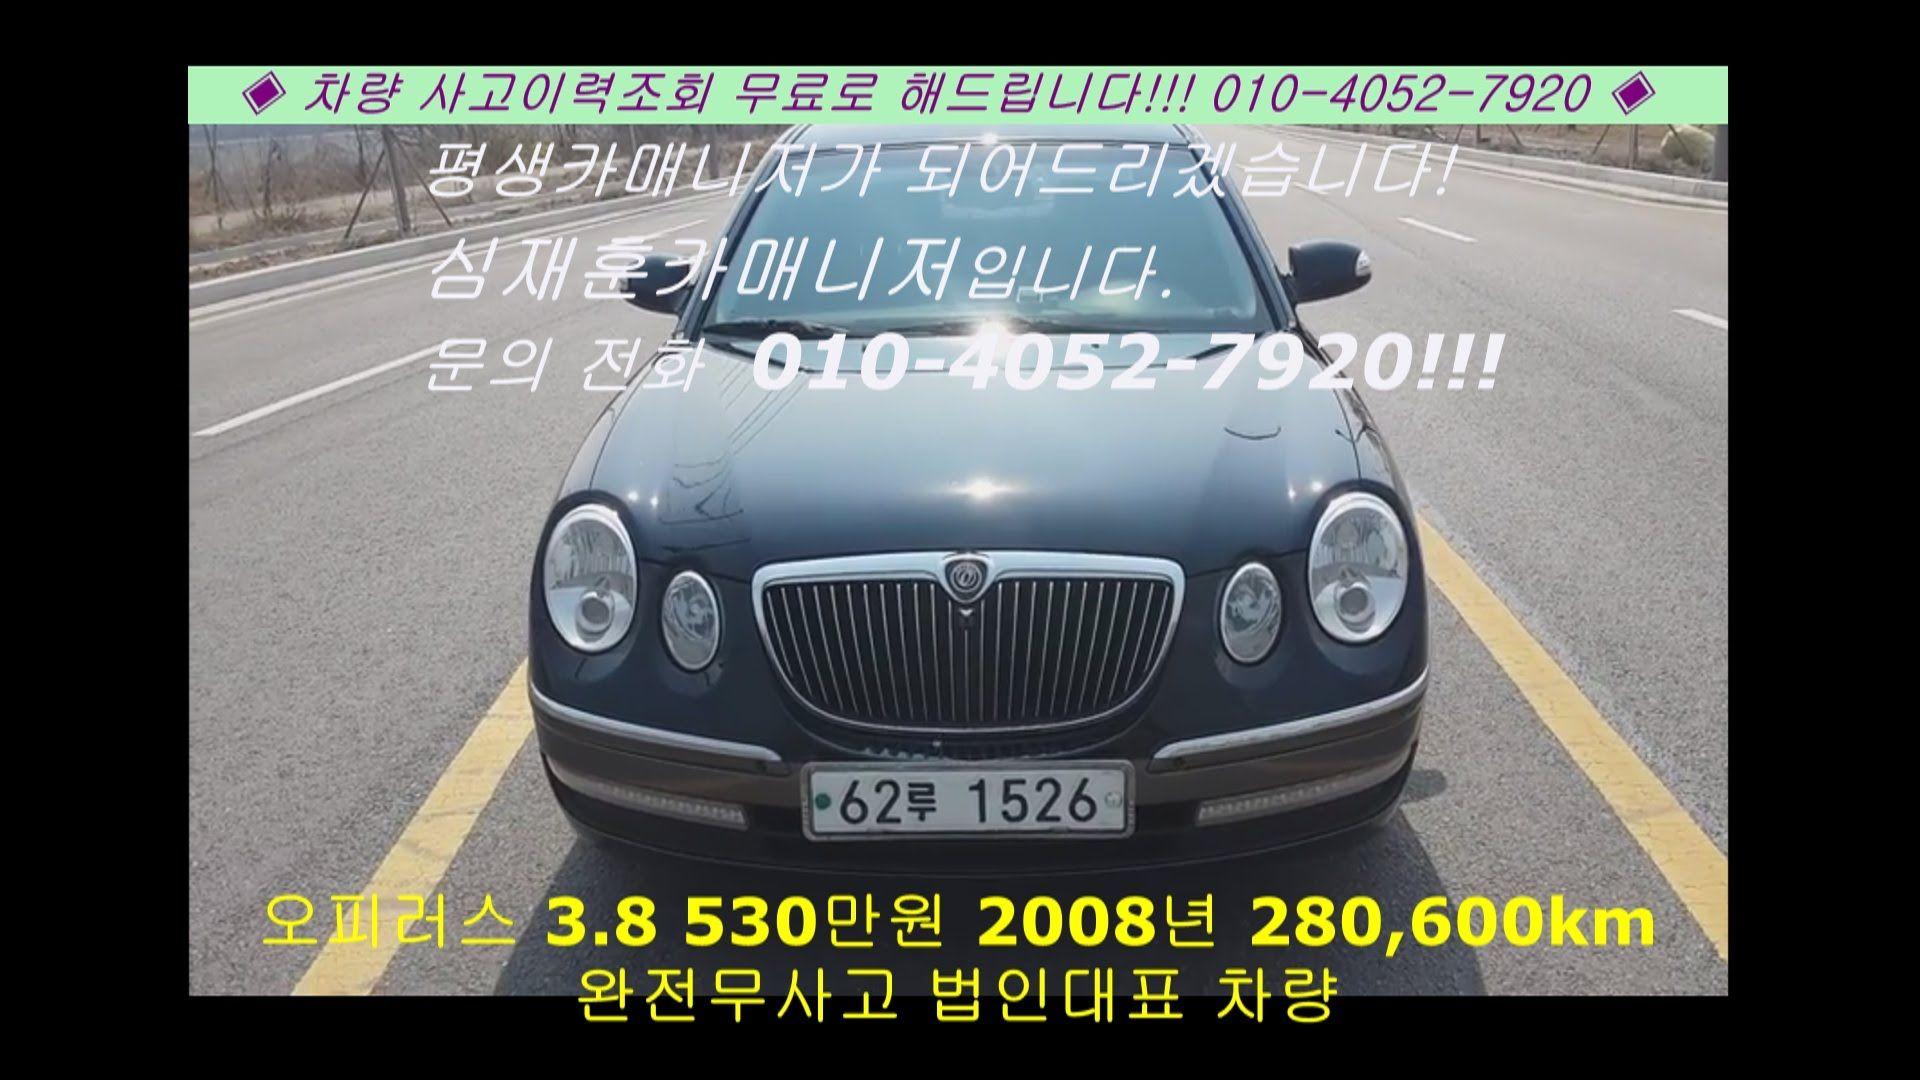 중고차 구매 시승 오피러스 3.8 530만원 2008년 280,600km(강남매매시장:중고차시세/취등록세/할부/리스 등 친절 상담...